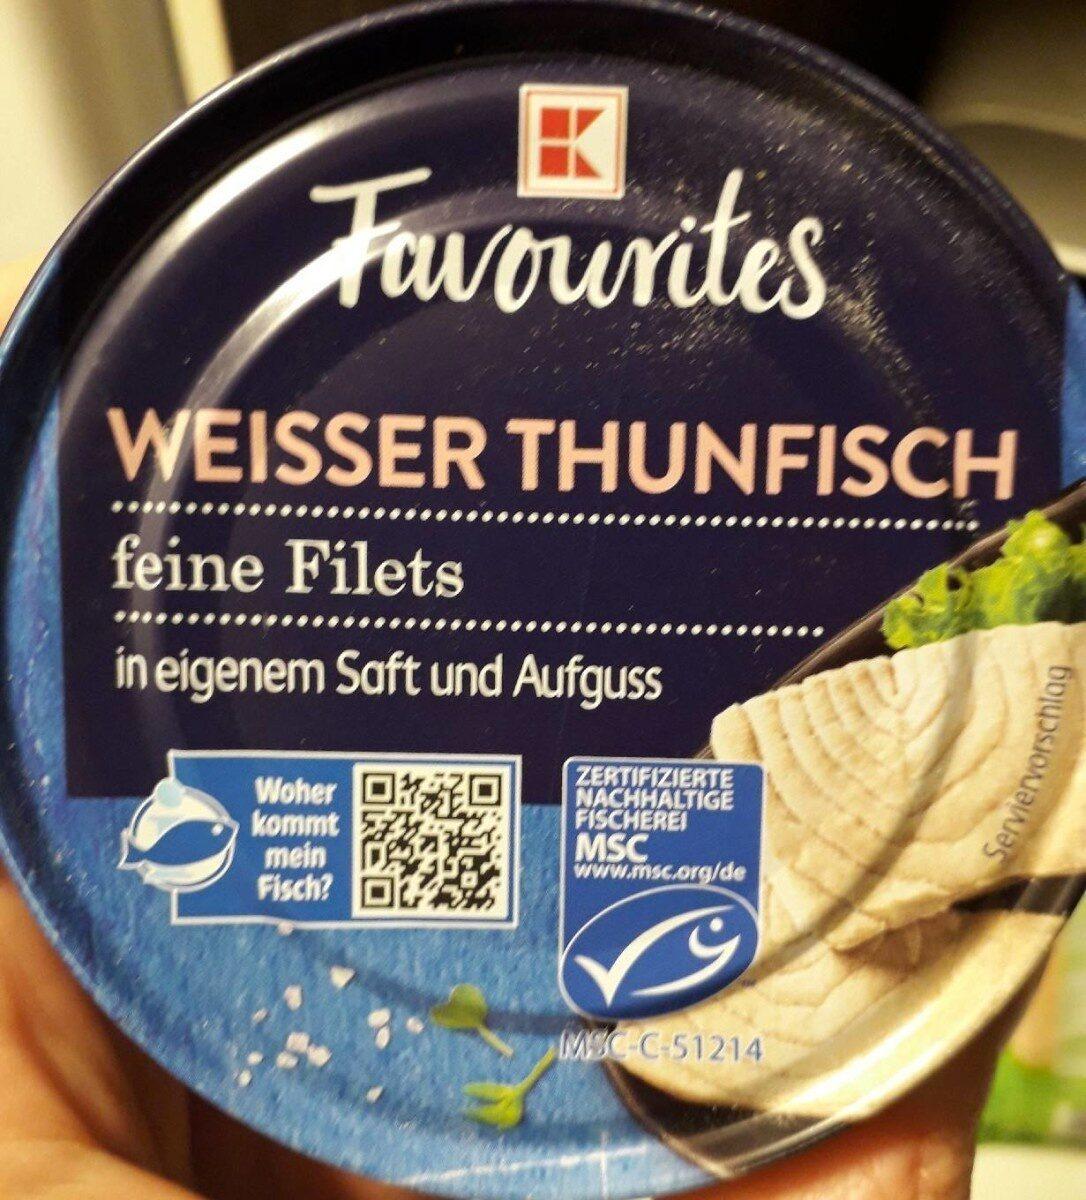 Weisser Thunfisch - Produkt - de